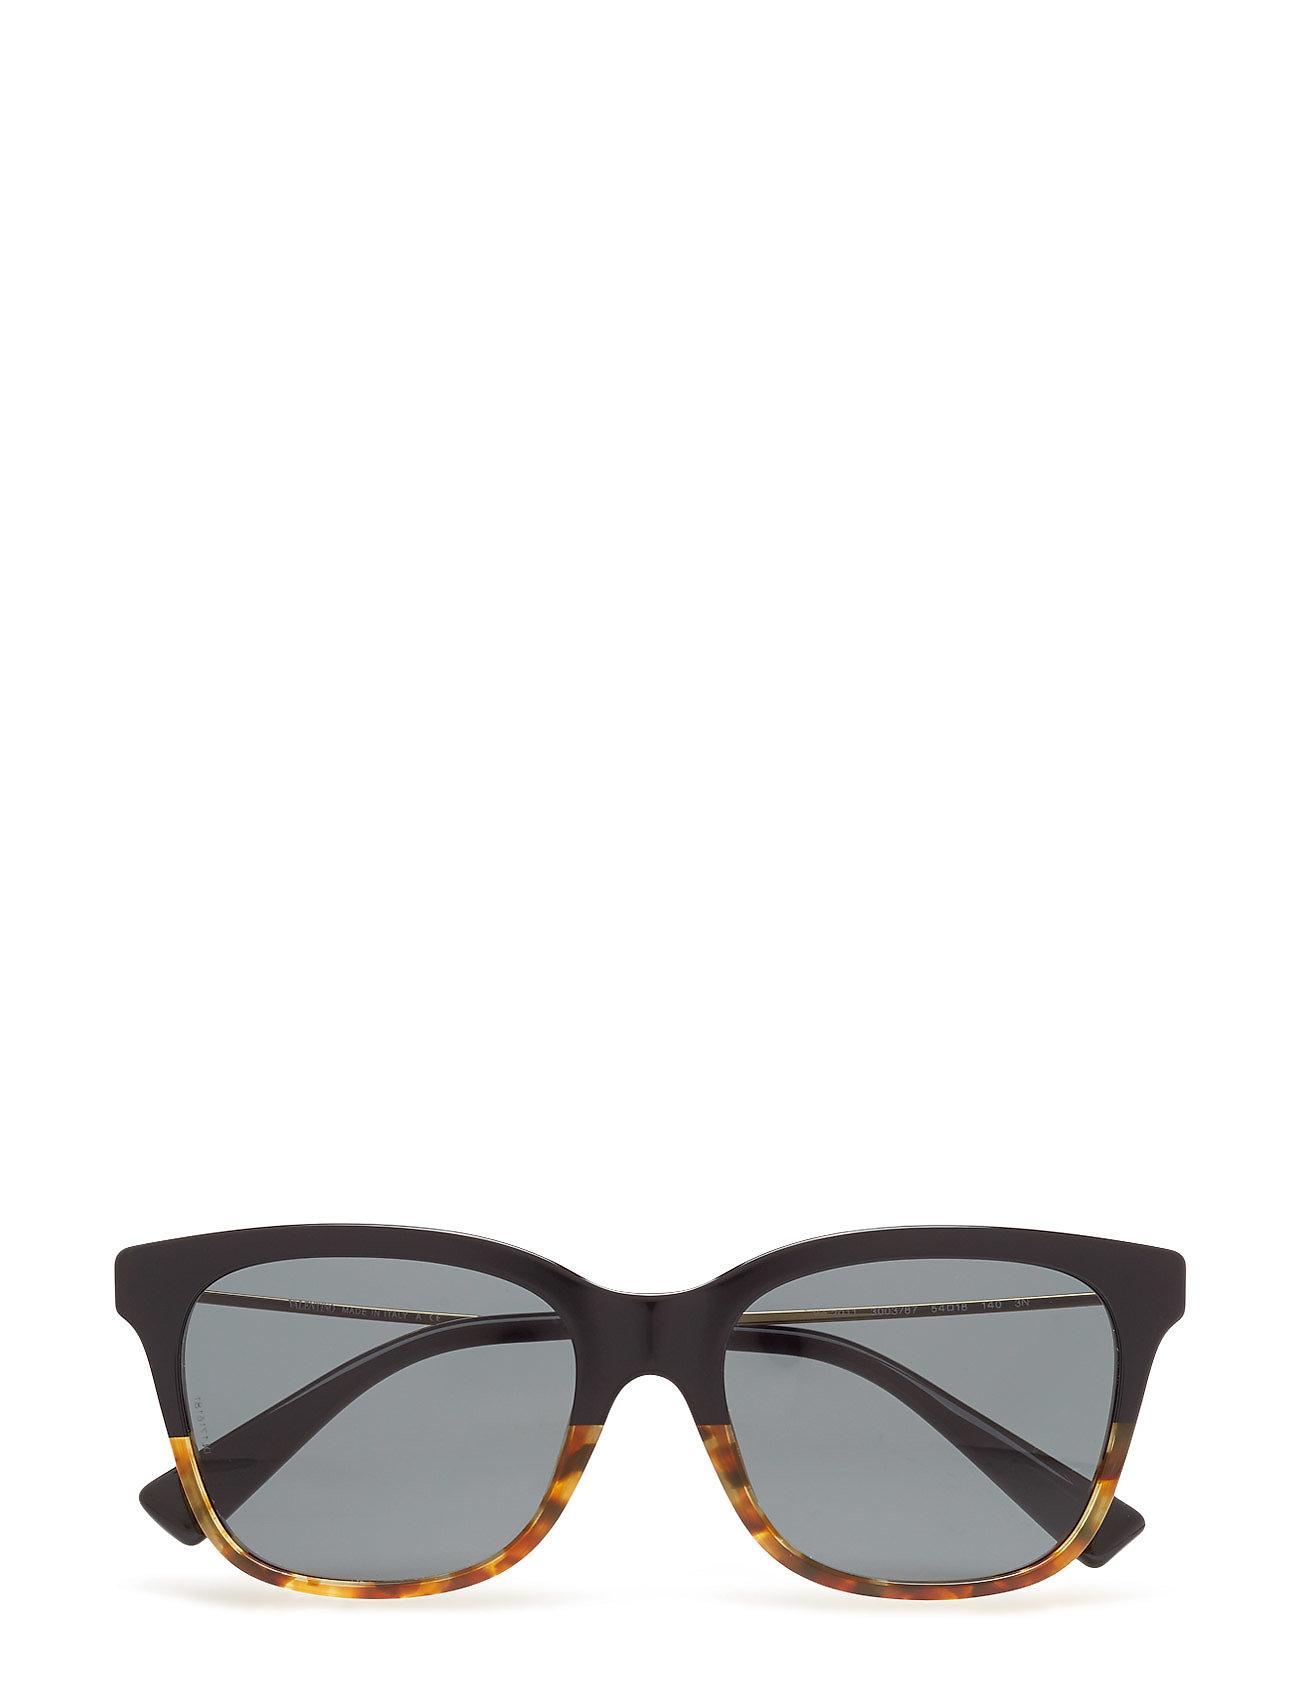 Allure - Valentino Sunglasses